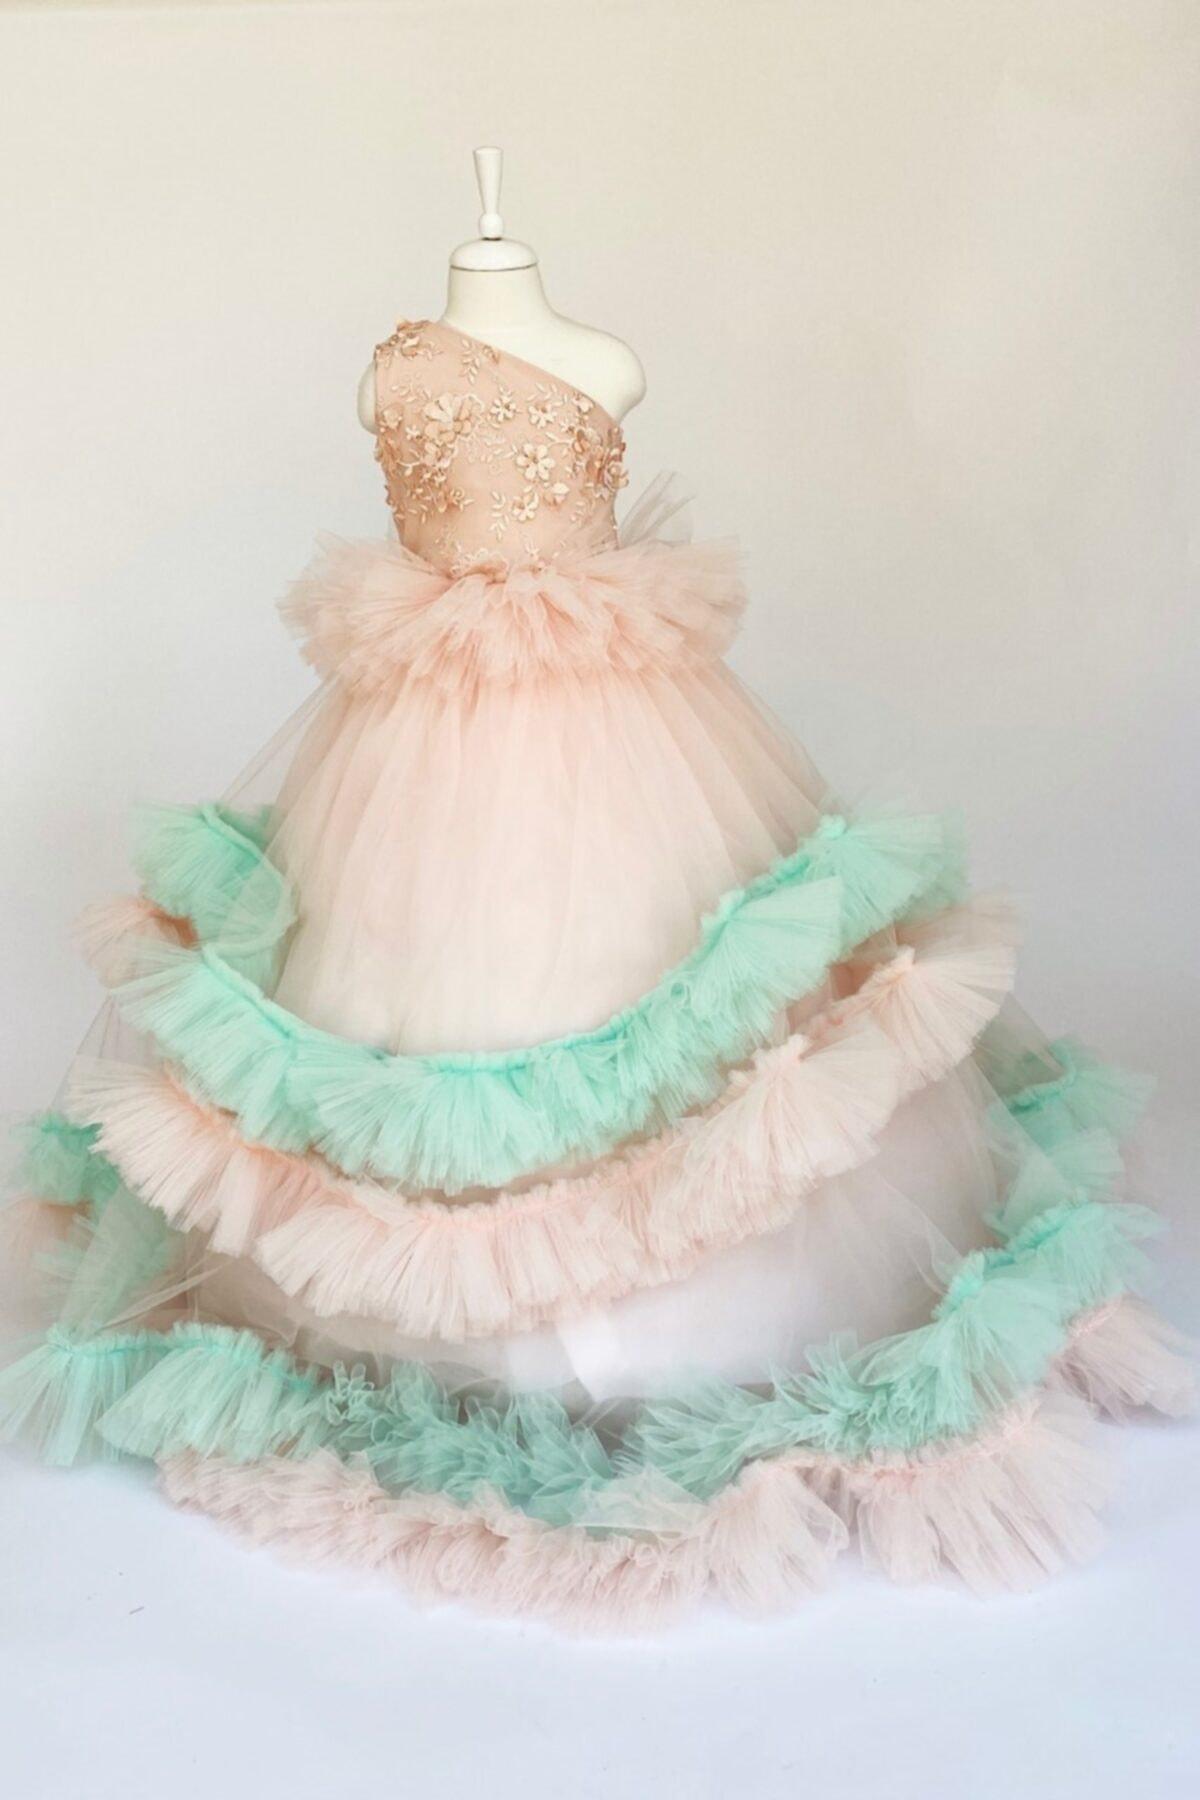 خرید پستی لباس مجلسی شیک دخترانه برند zühre balaban رنگ صورتی ty40572541